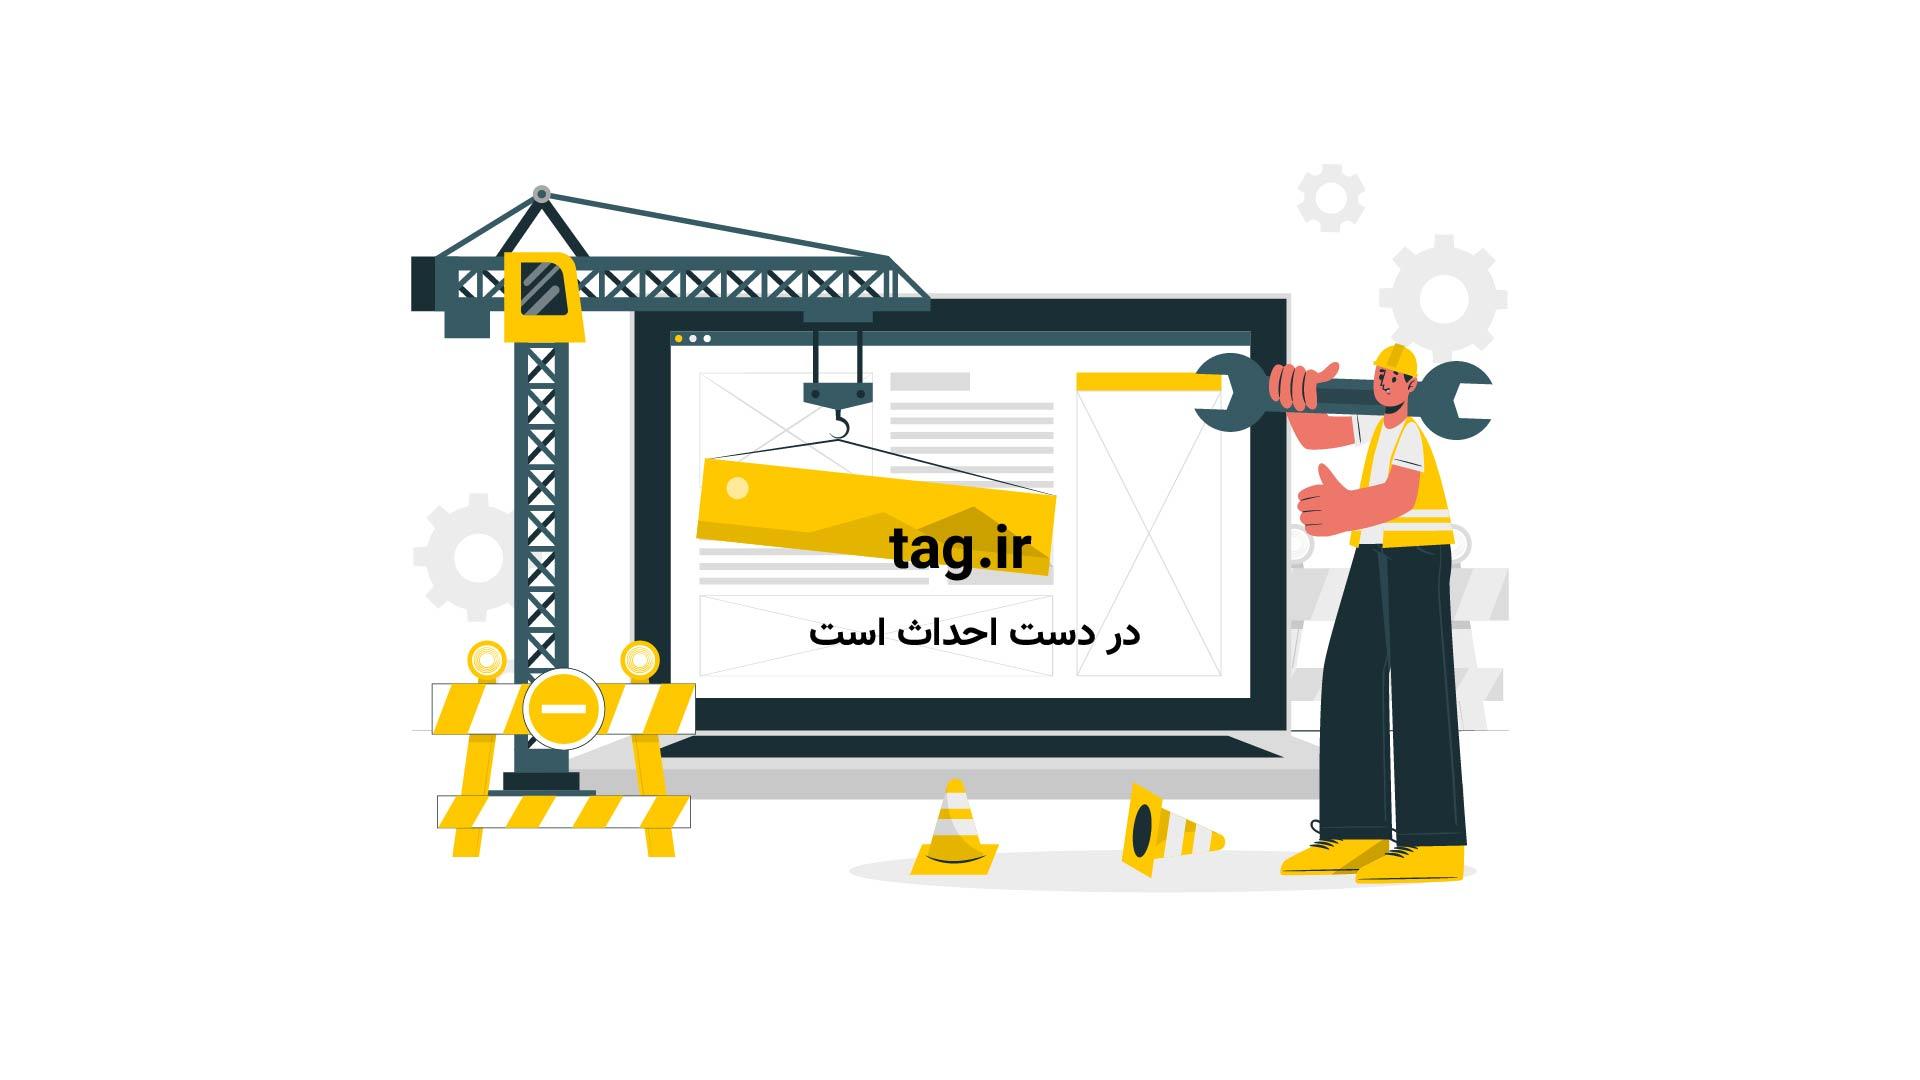 نقاشی کودکان؛ آموزش کشیدن مورچه | فیلم